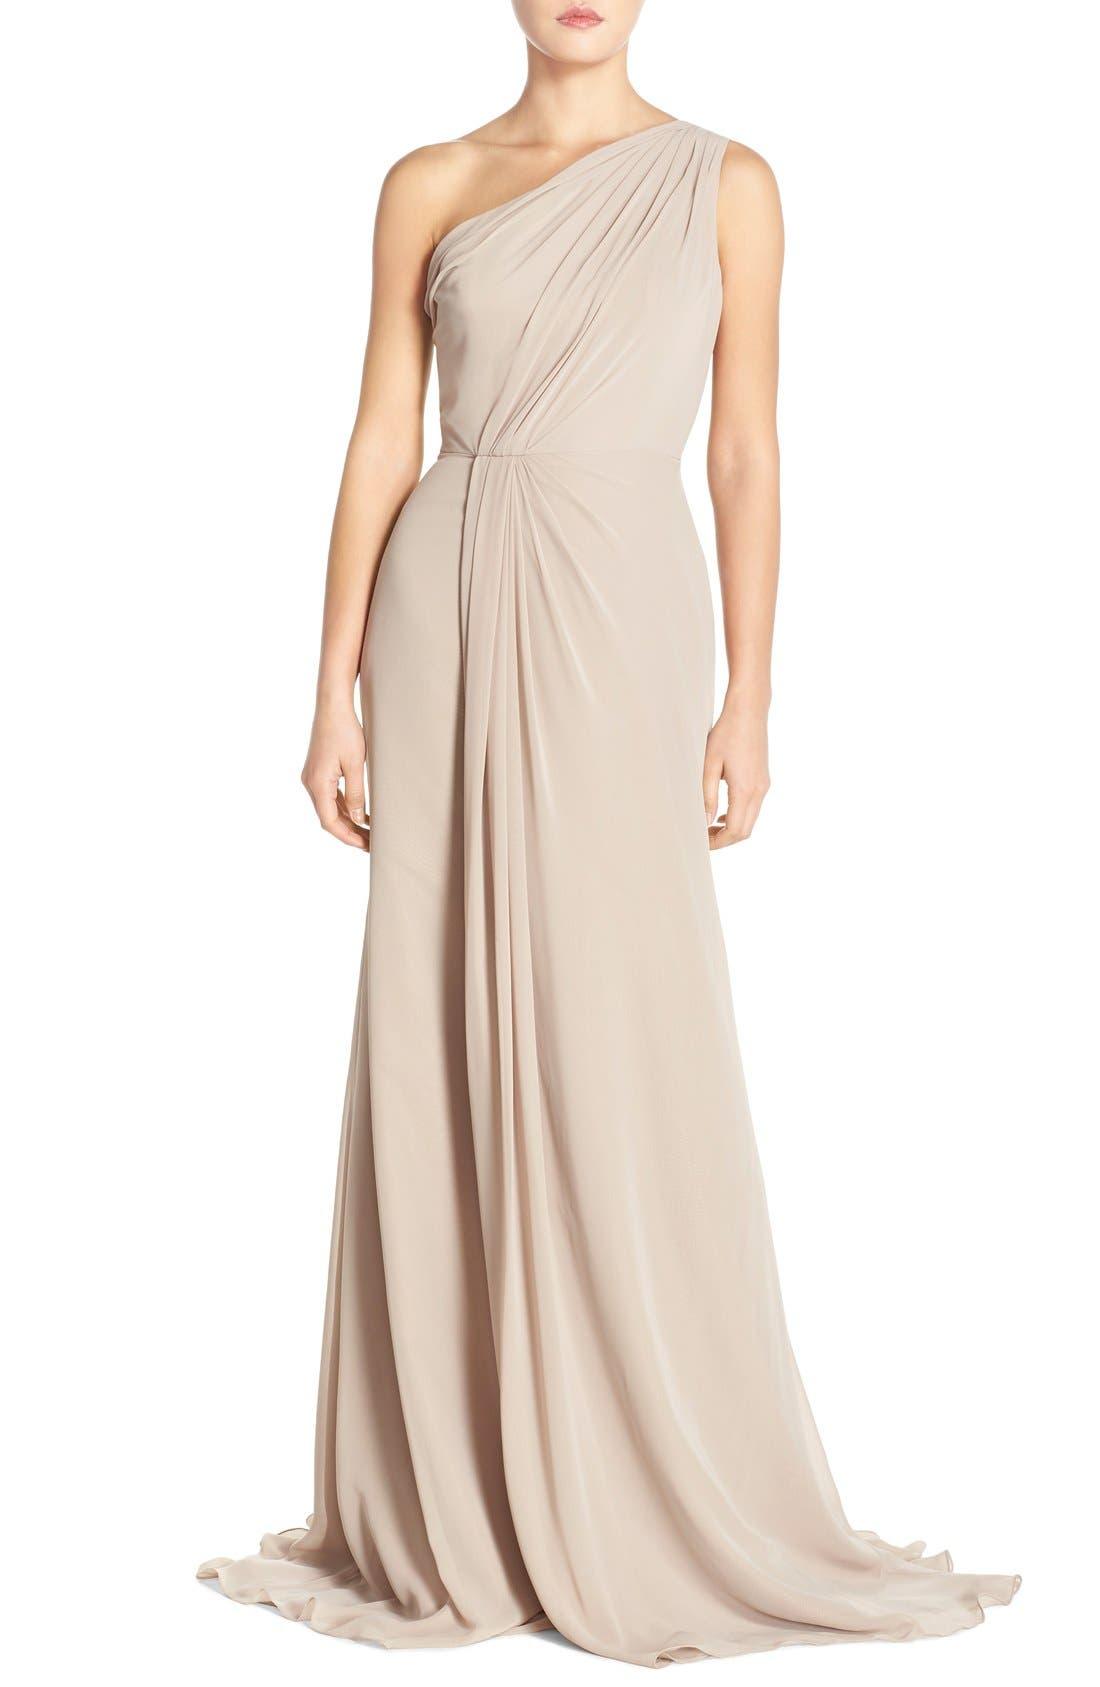 Main Image - Monique Lhuillier Bridesmaids One-Shoulder Chiffon Gown